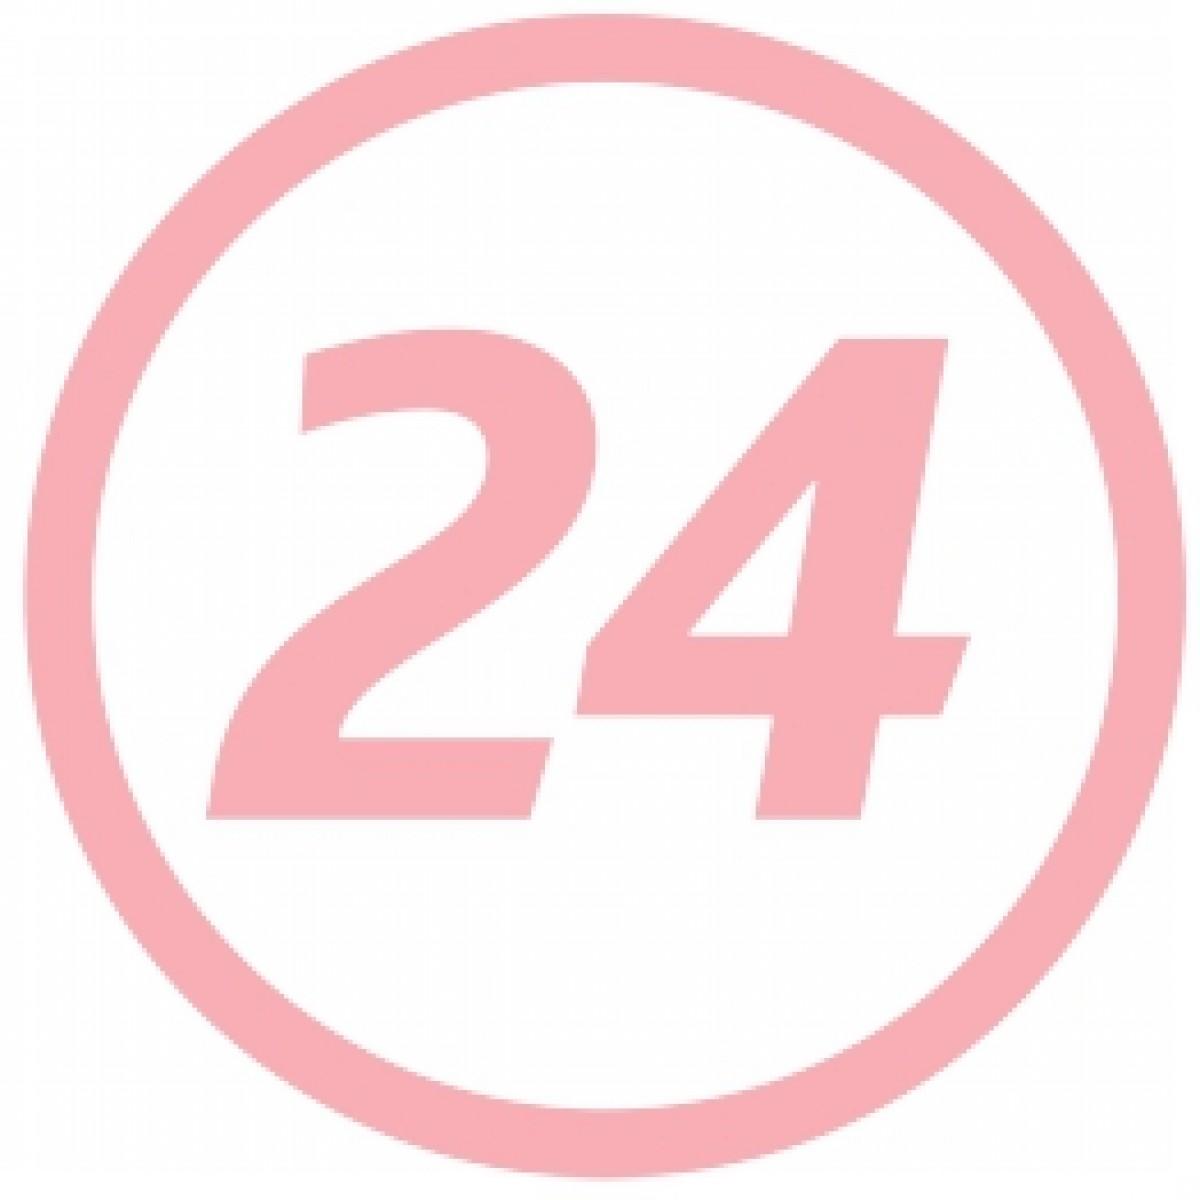 Pampers 4 Premium Care 7-14 kg, Scutece, 24 buc